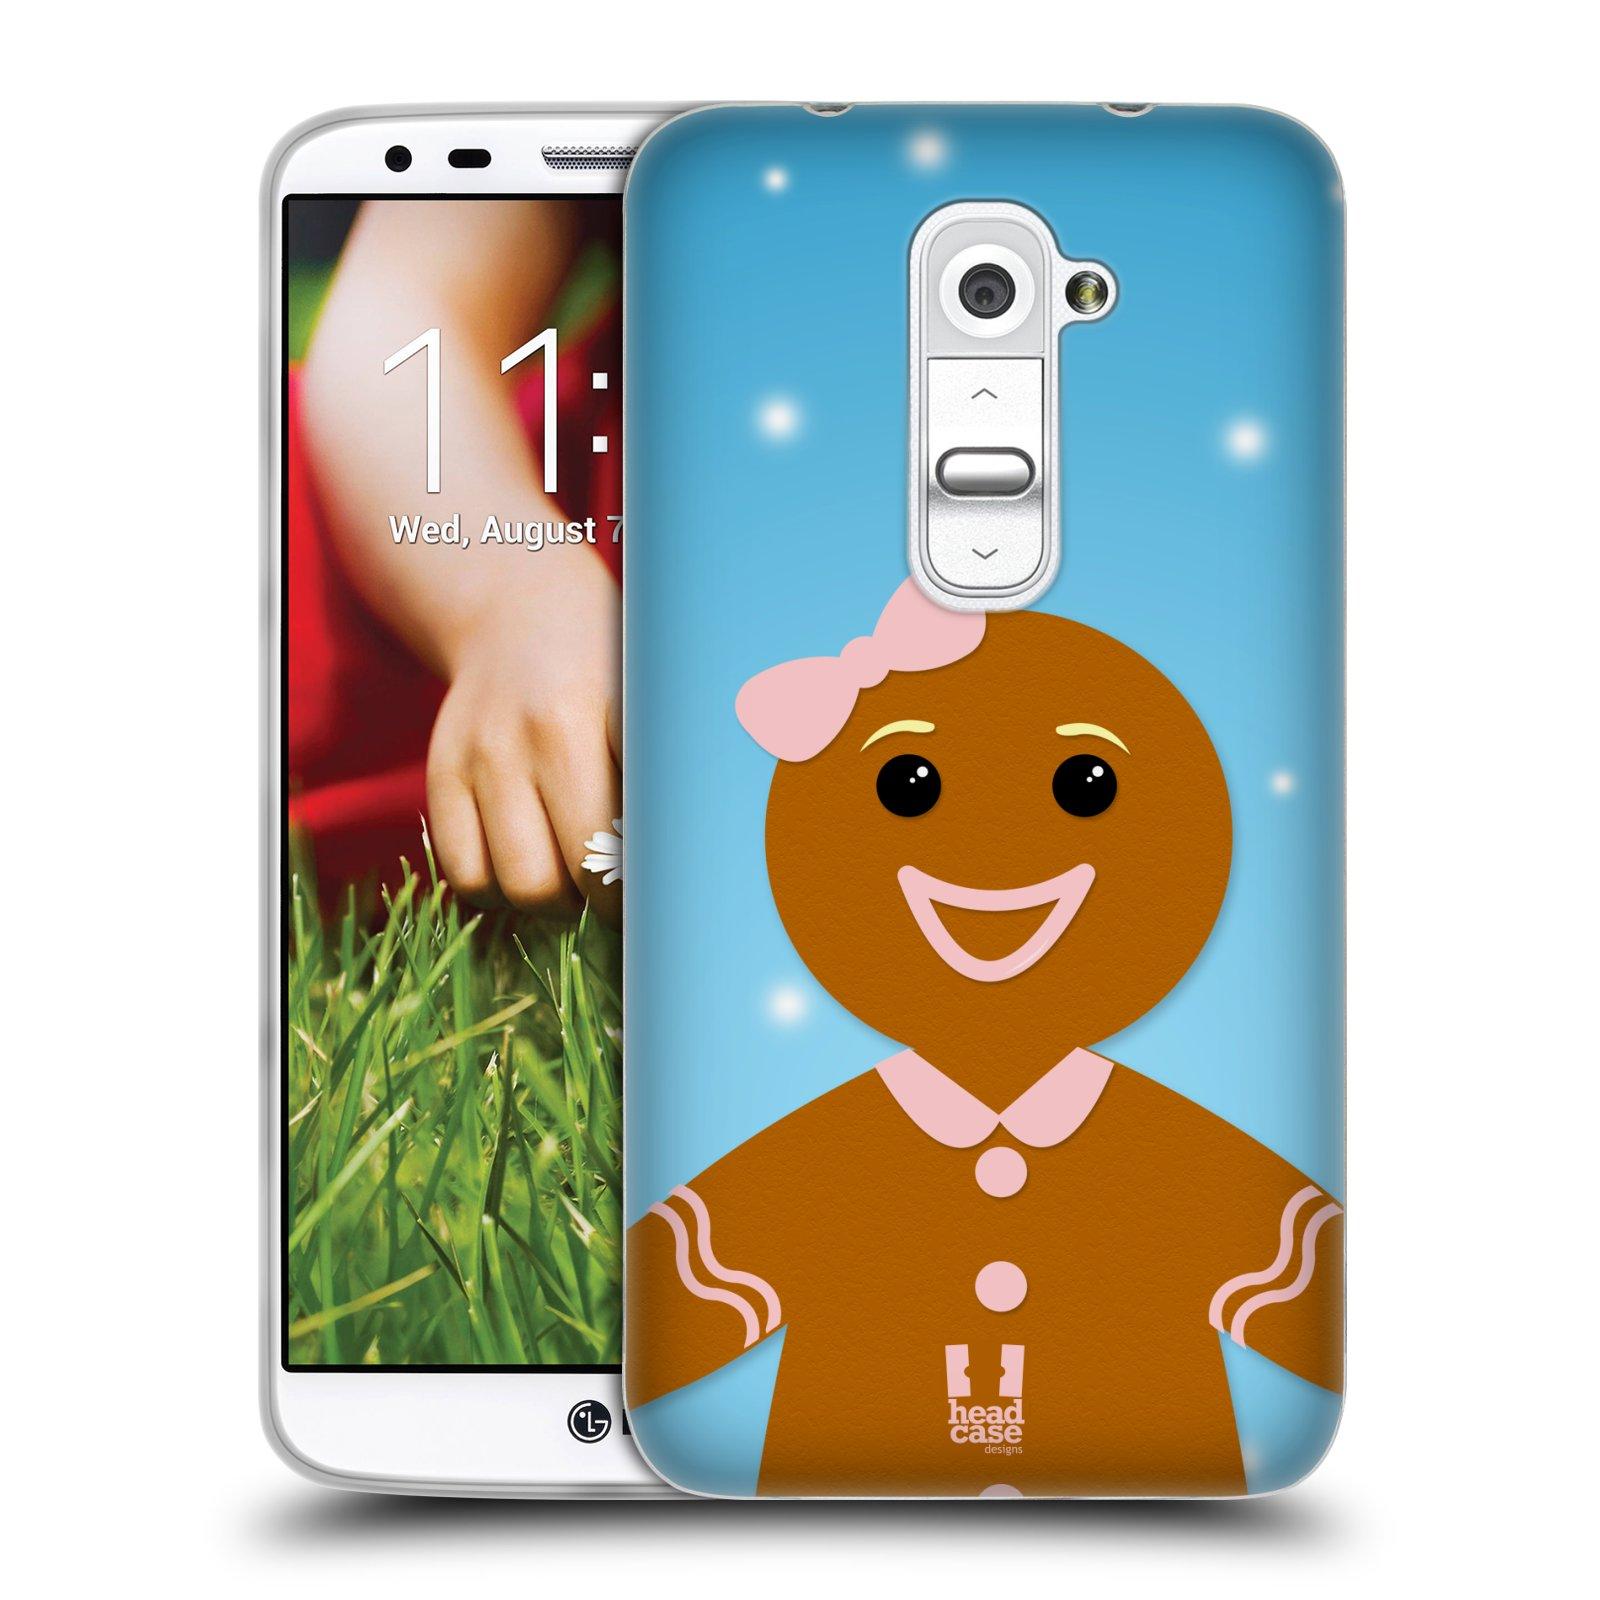 Silikonové pouzdro na mobil LG G2 HEAD CASE VÁNOCE PERNÍČEK (Silikonový kryt či obal na mobilní telefon LG G2 D802)